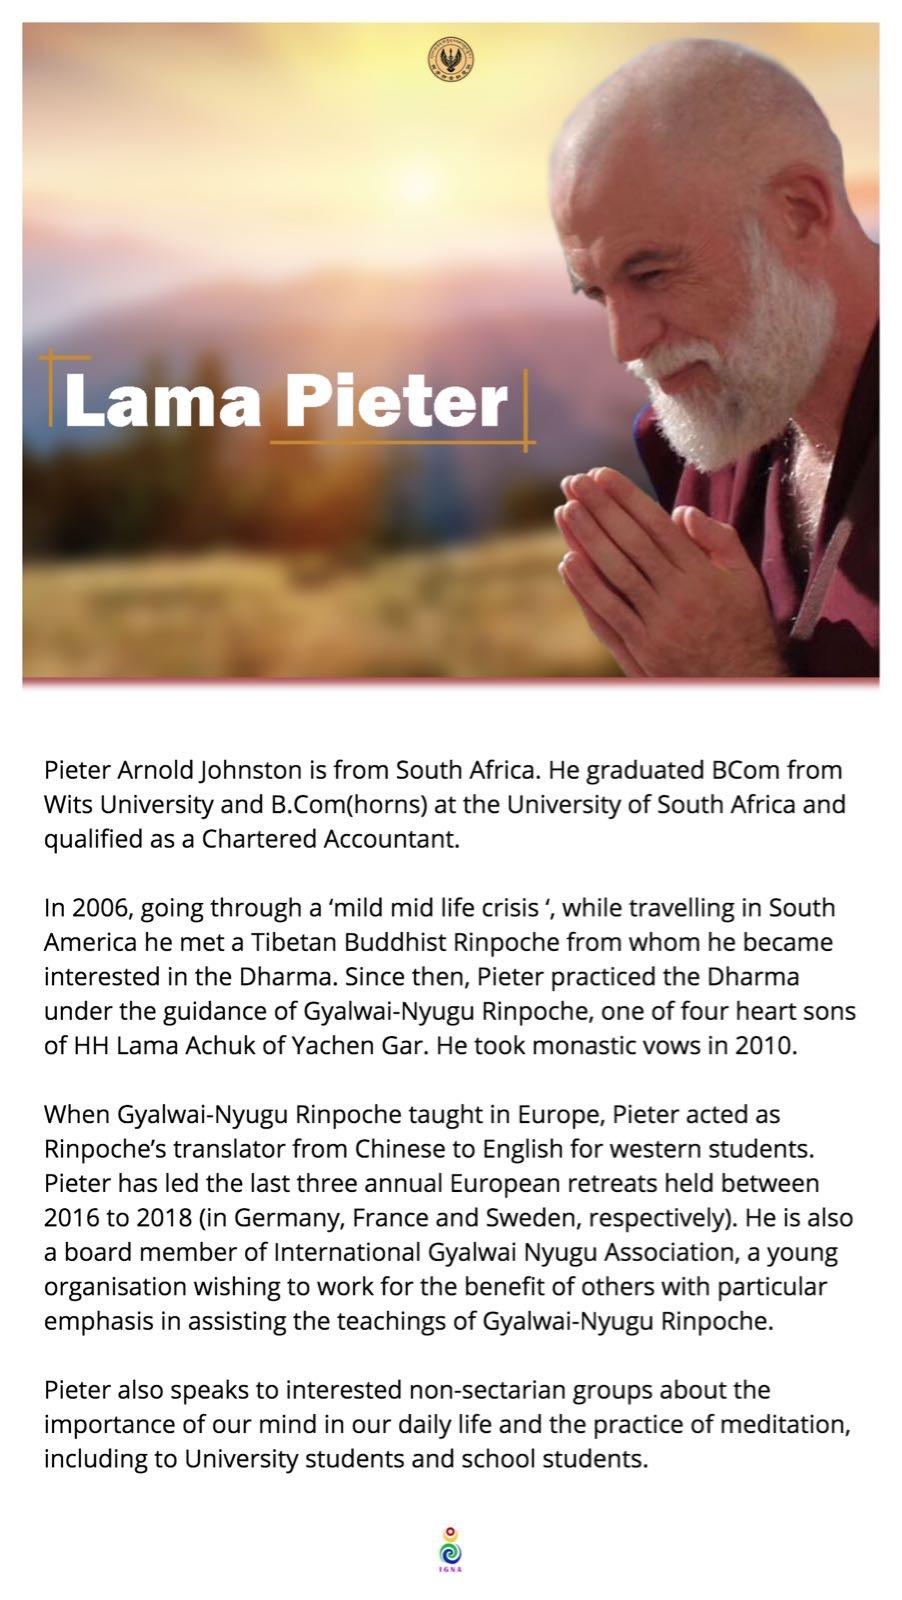 Vénérable Lama Pieter 彼得法师